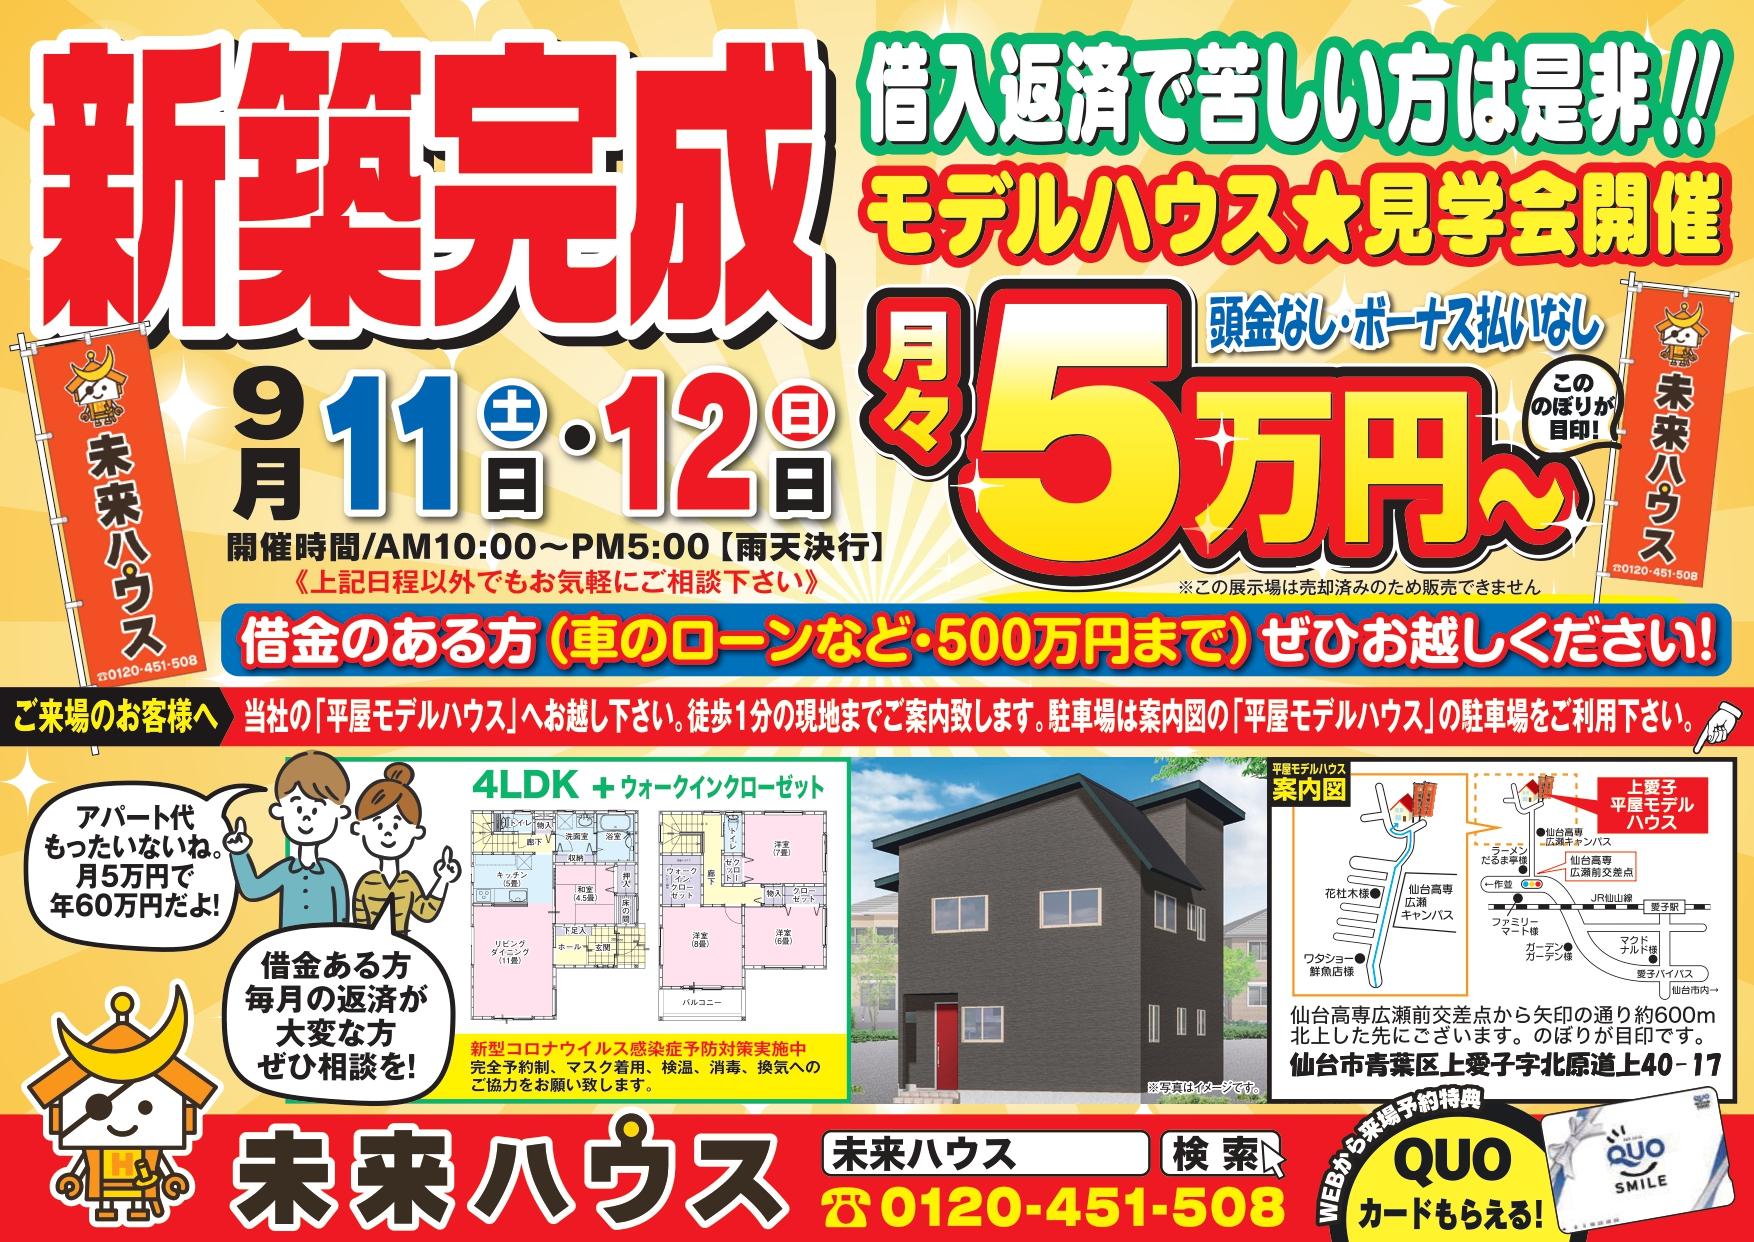 9月11日(土)・9月12日(日) 上愛子 新築完成モデルハウス見学会